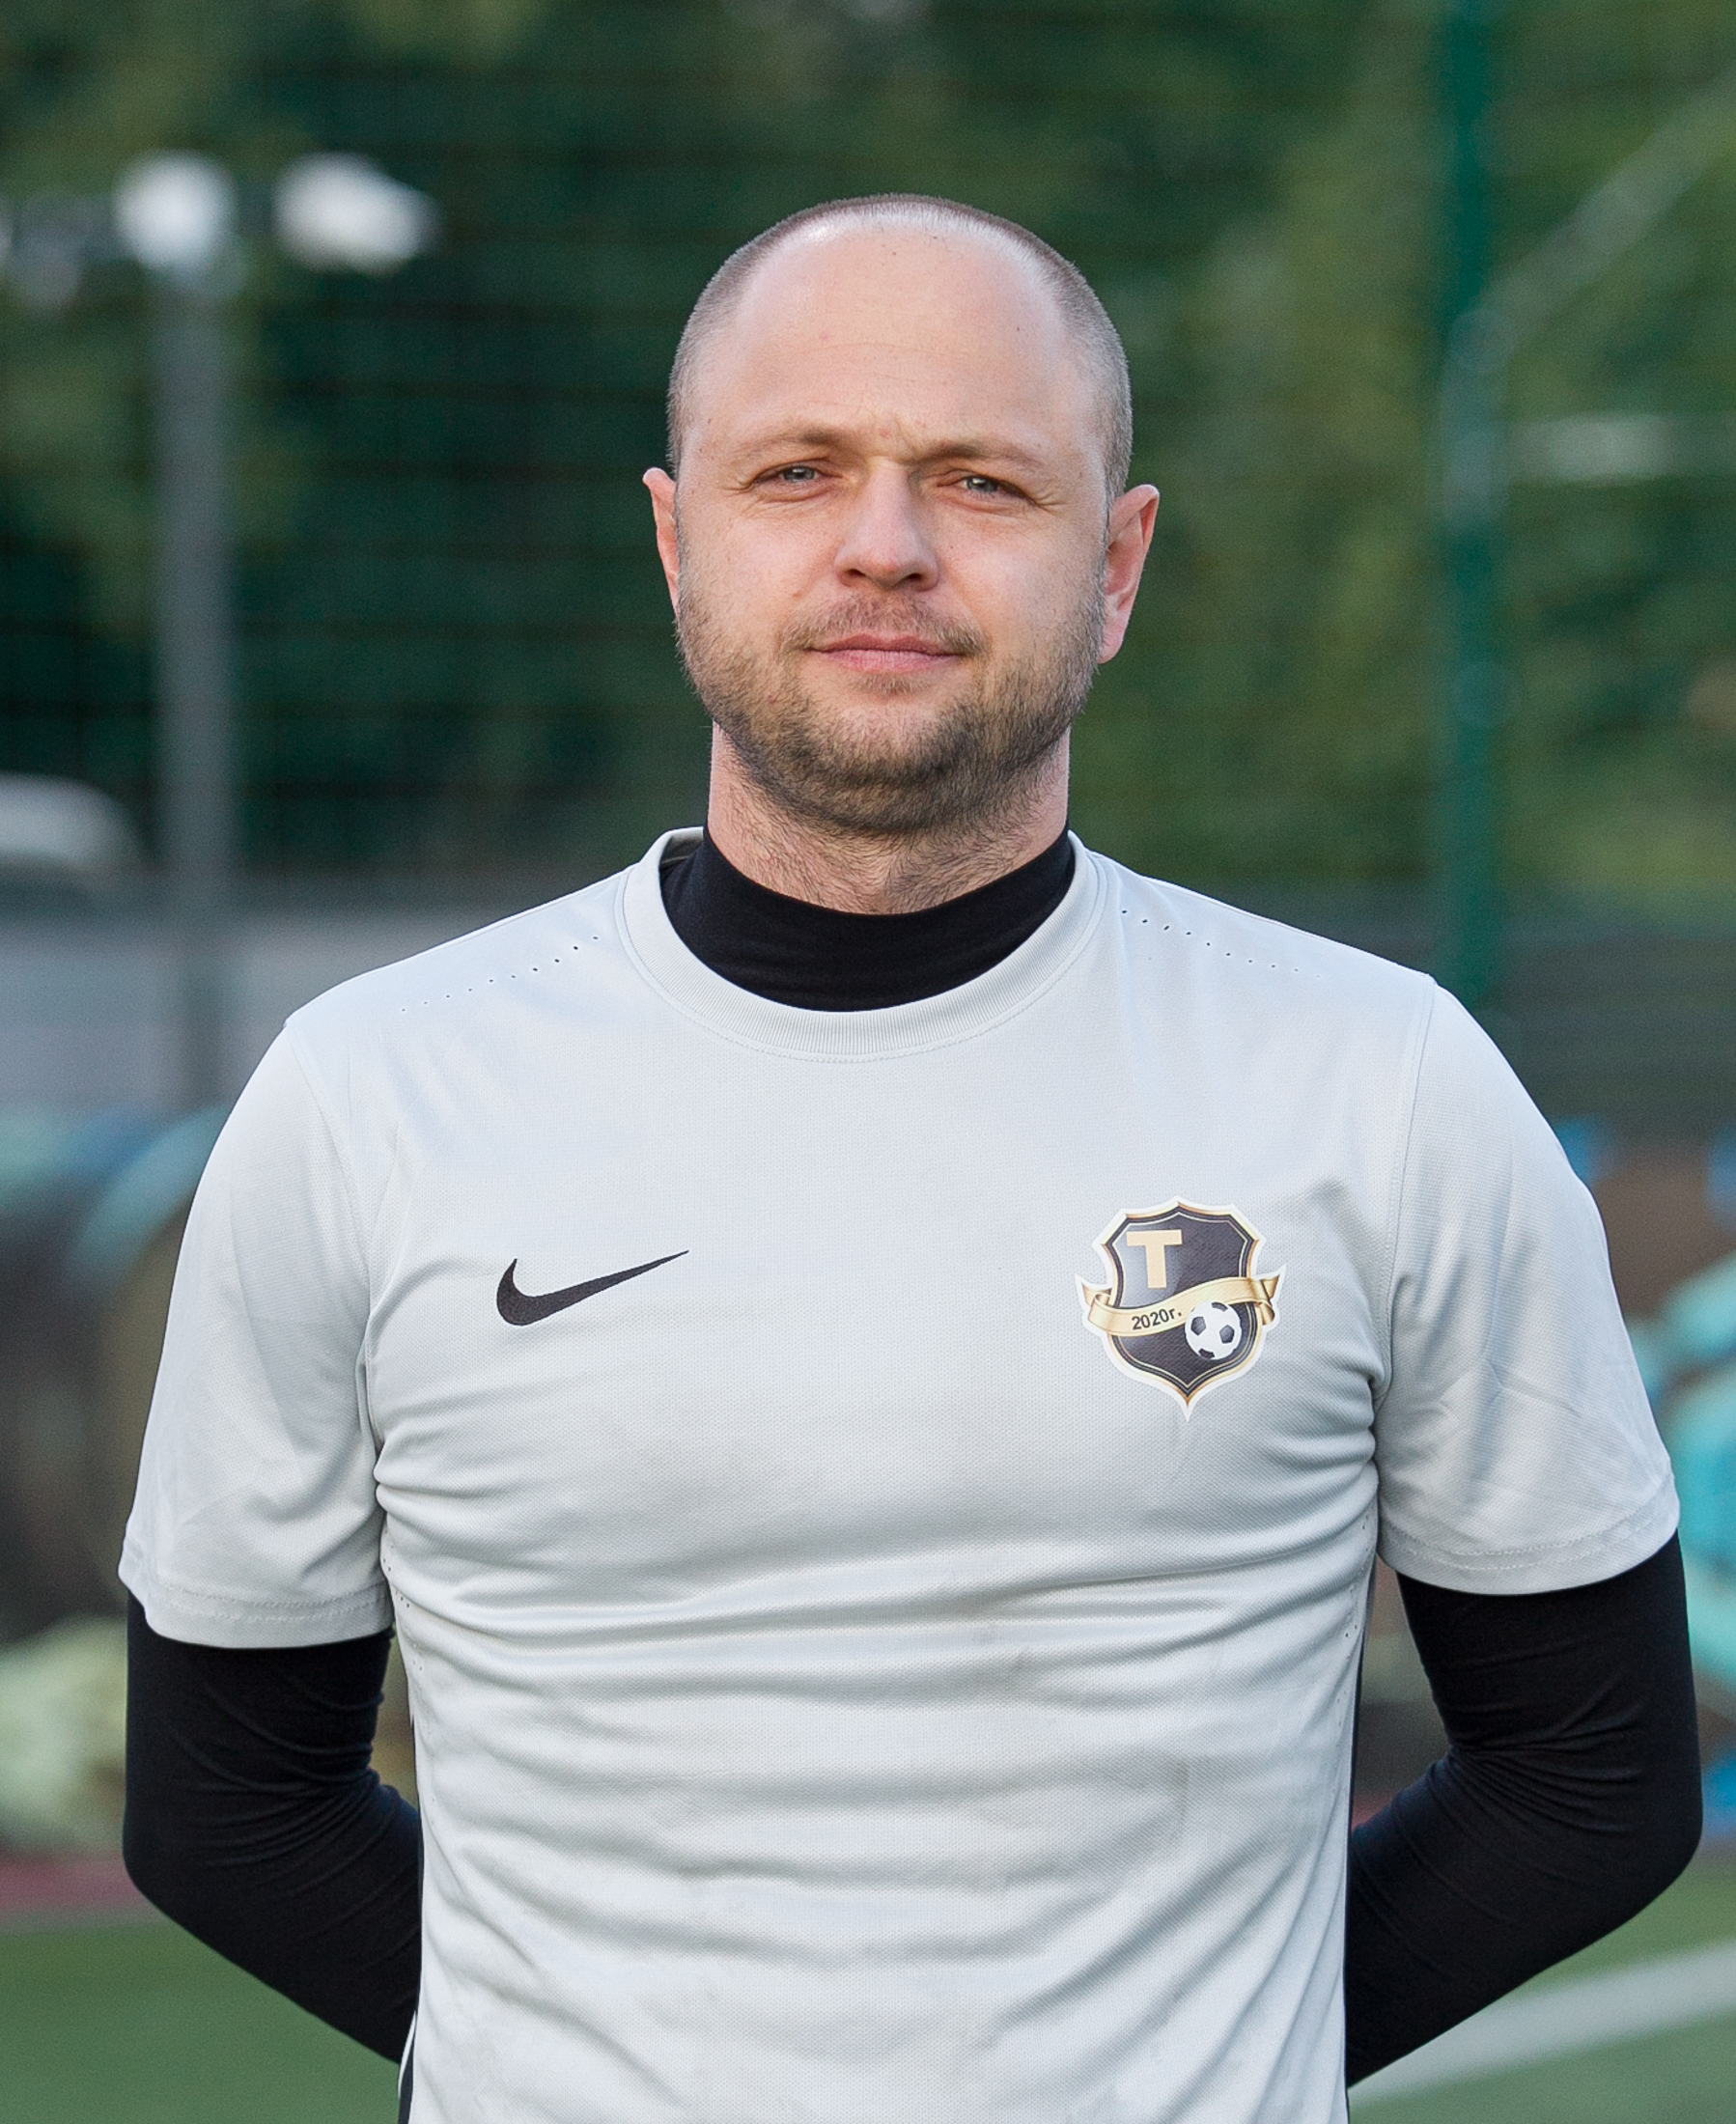 Копельчук Максим